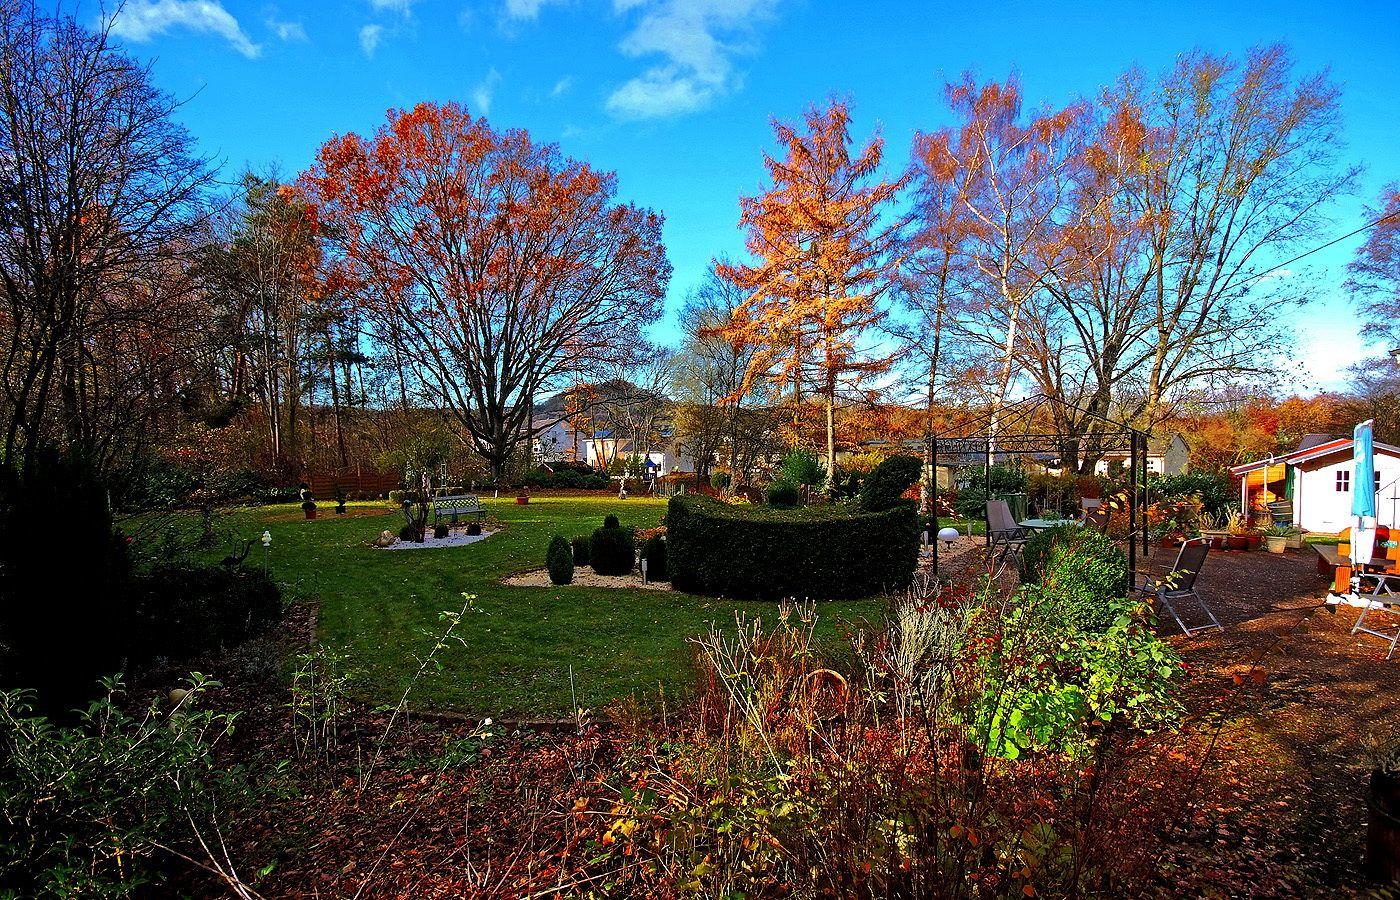 Wenn Ich Aus Meinem Fenster Schau Ist Der Himmel Ziemlich Blau Auch Das Herbstlaub Ist Noch Da Ist Dieser Blick Nicht W Herbstlaub Laub Himmel